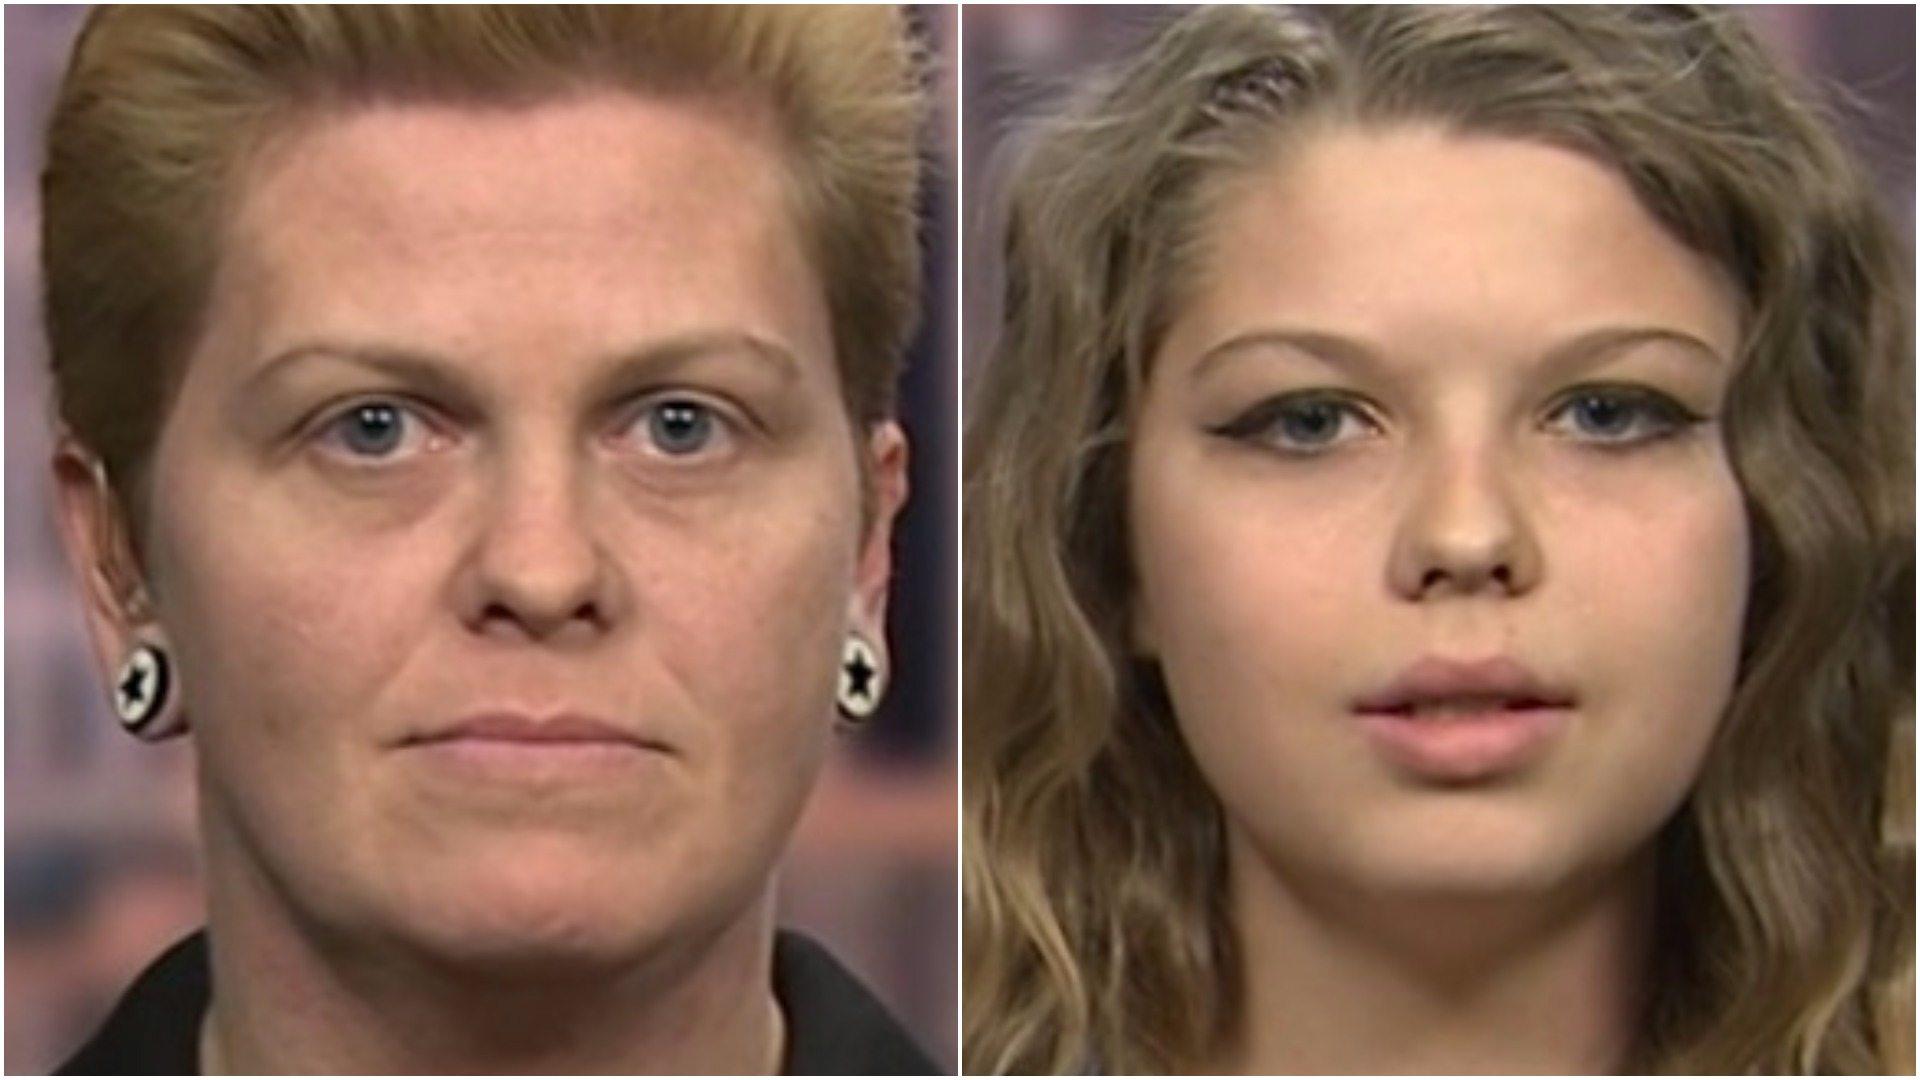 Matka i syn zmienili płeć. Ojciec skonfundowany (ZDJĘCIA)